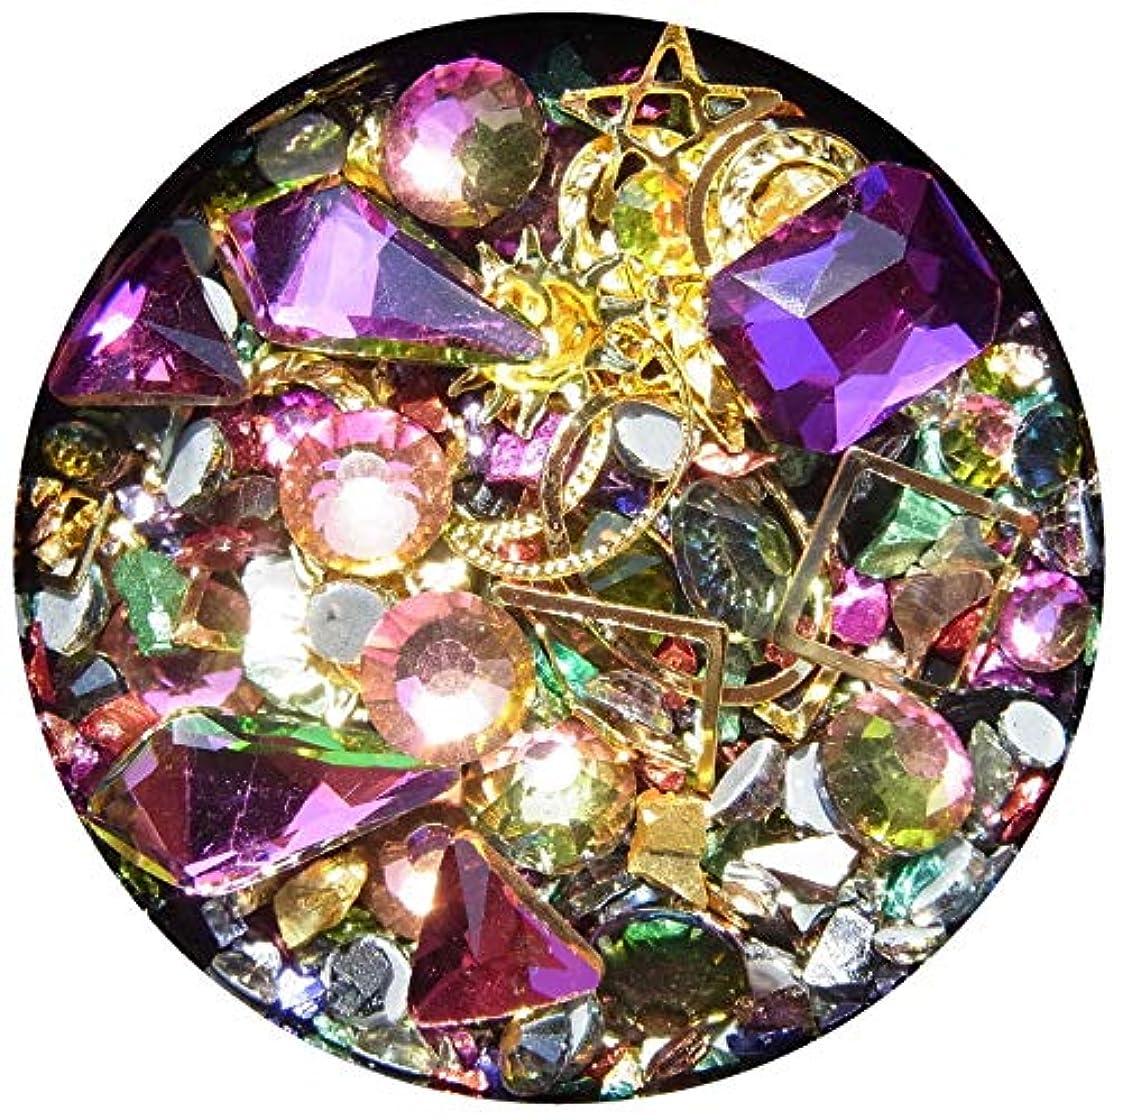 タオル給料コンドーム【jewel】メタルパーツ ミックス ラインストーン カーブ付きフレーム ゴールド ネイルアートパーツ レジン (4)